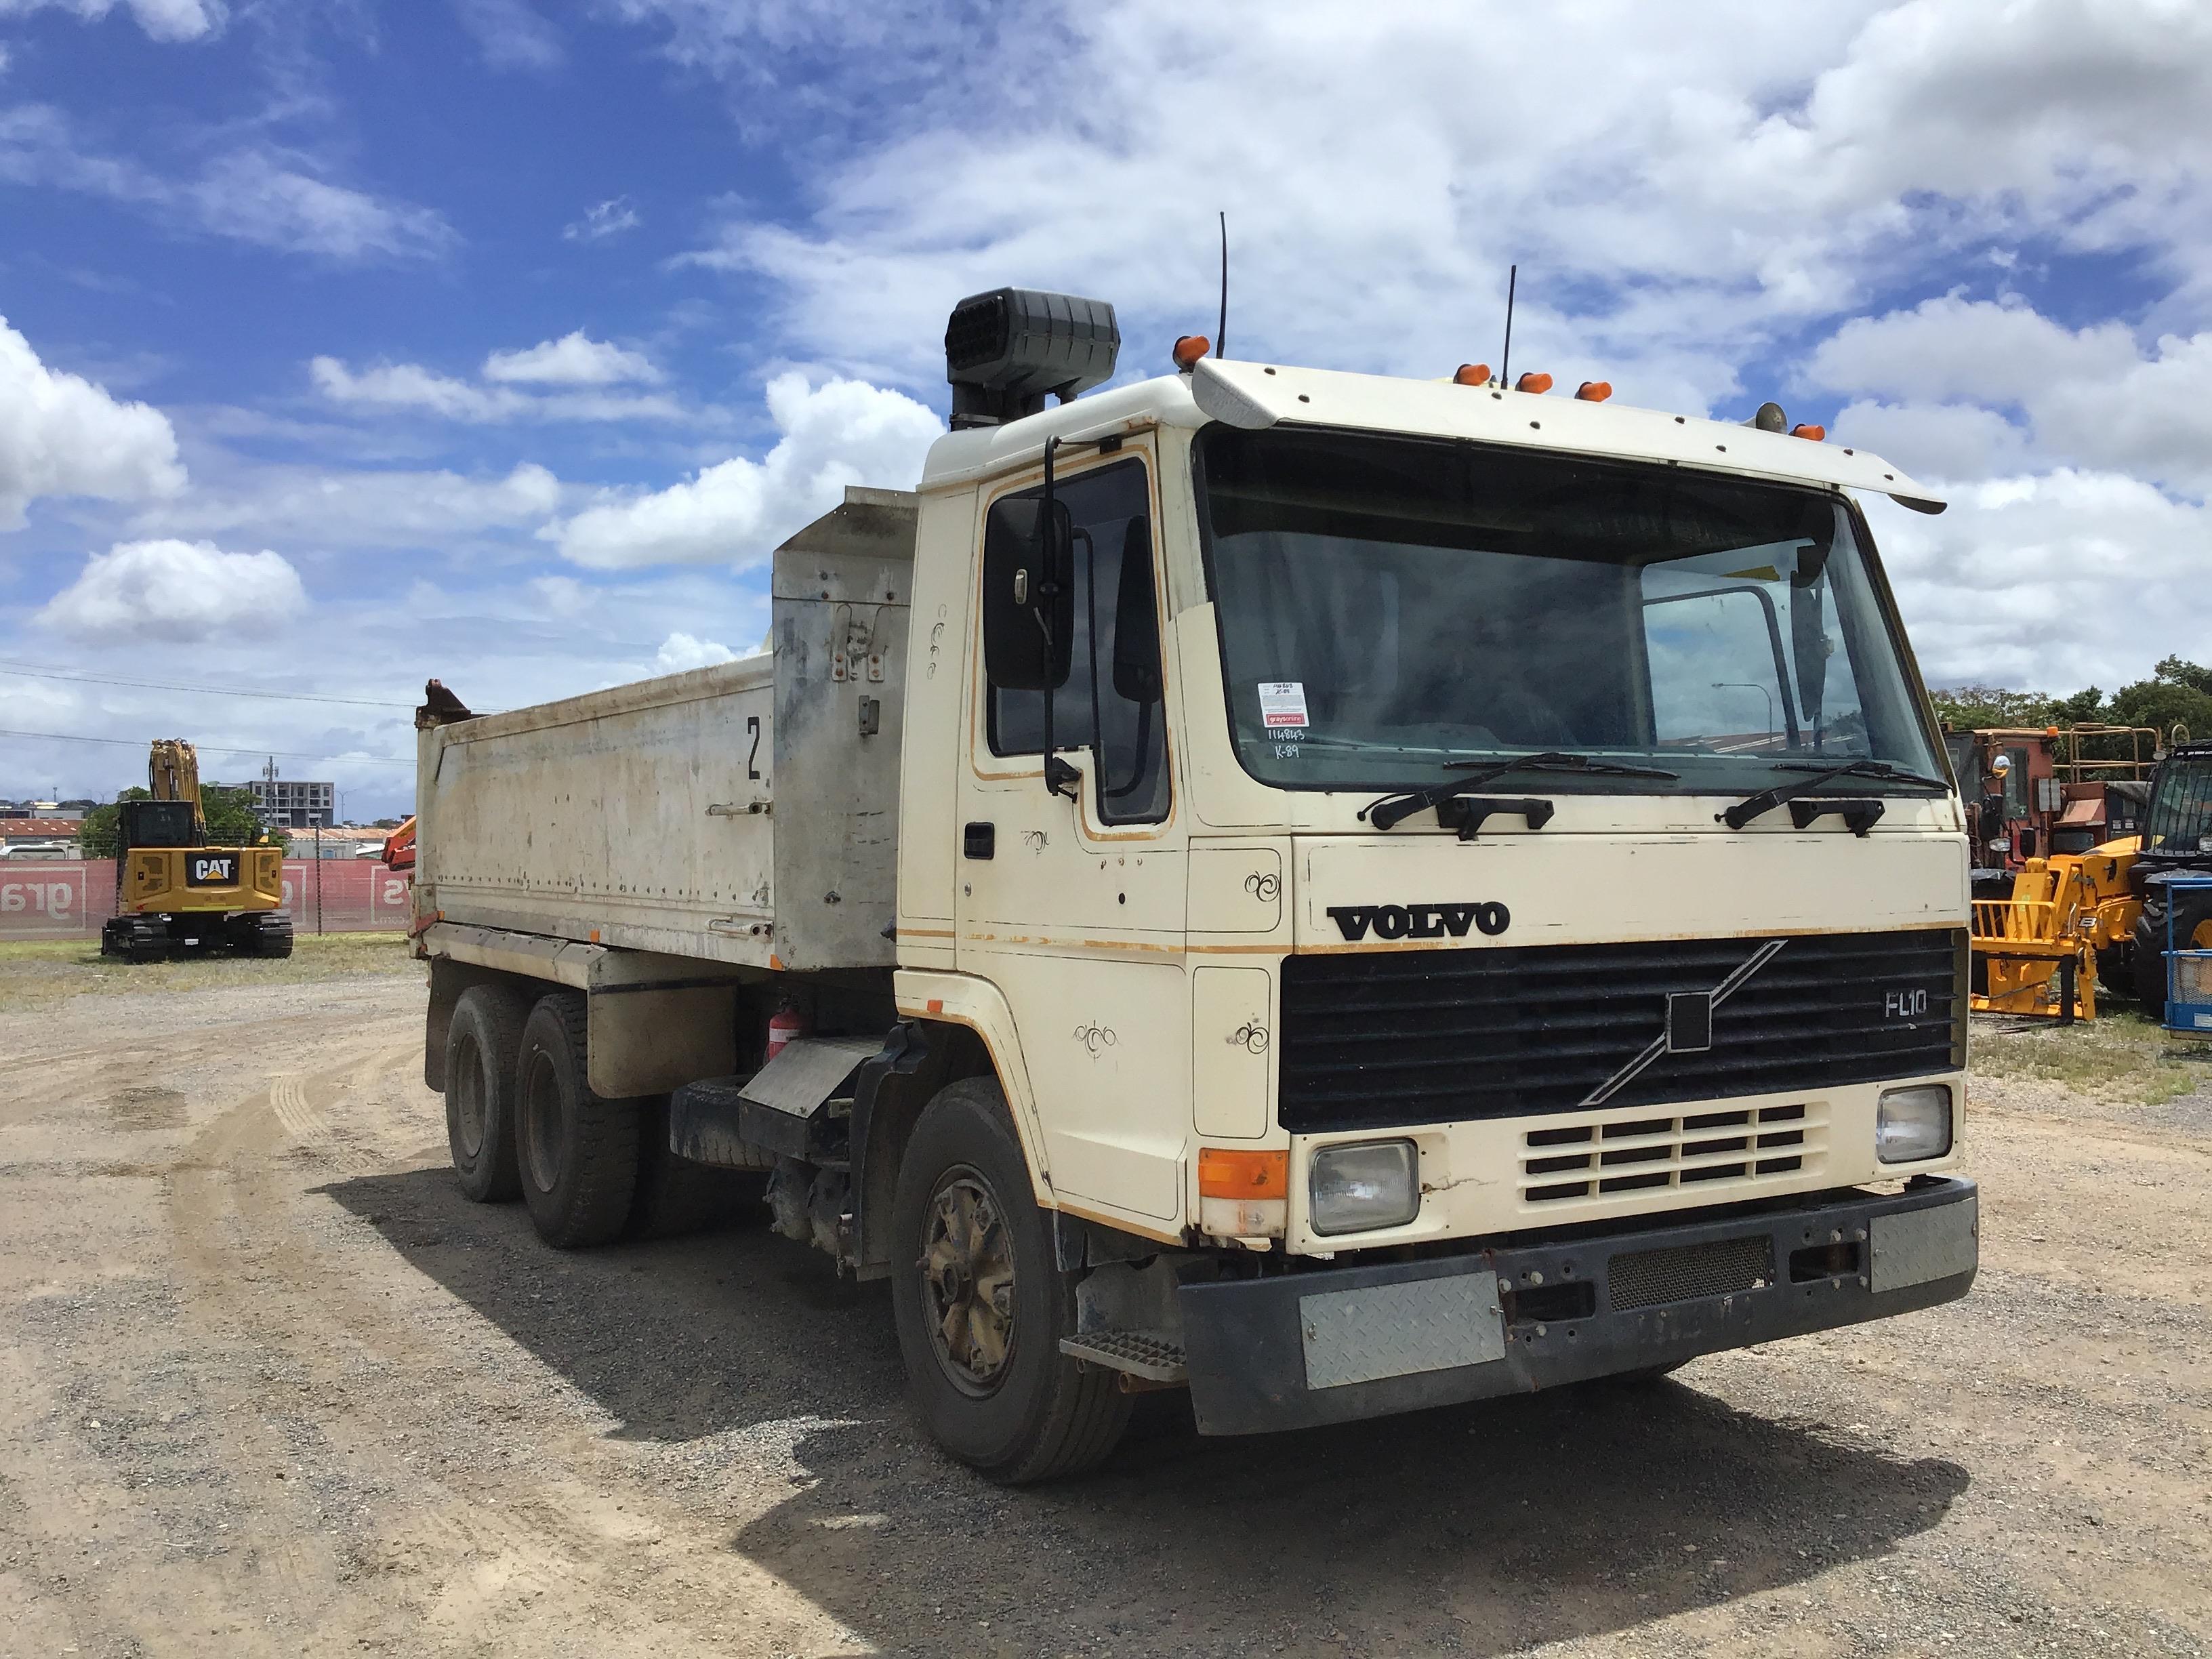 1987 Volvo FL 10 6 x 4 Tipper Truck